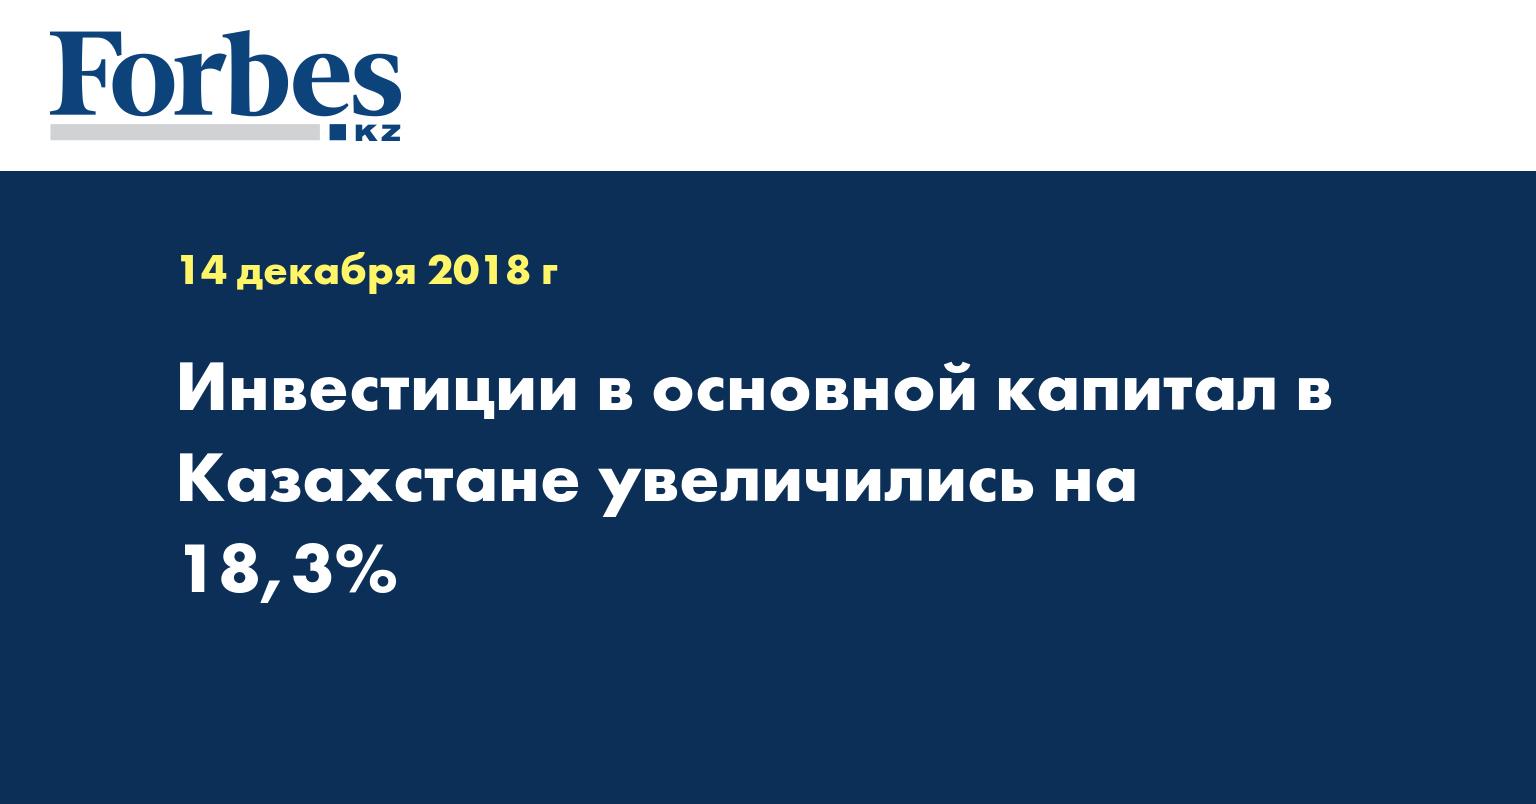 Инвестиции в основной капитал в Казахстане увеличились на 18,3%